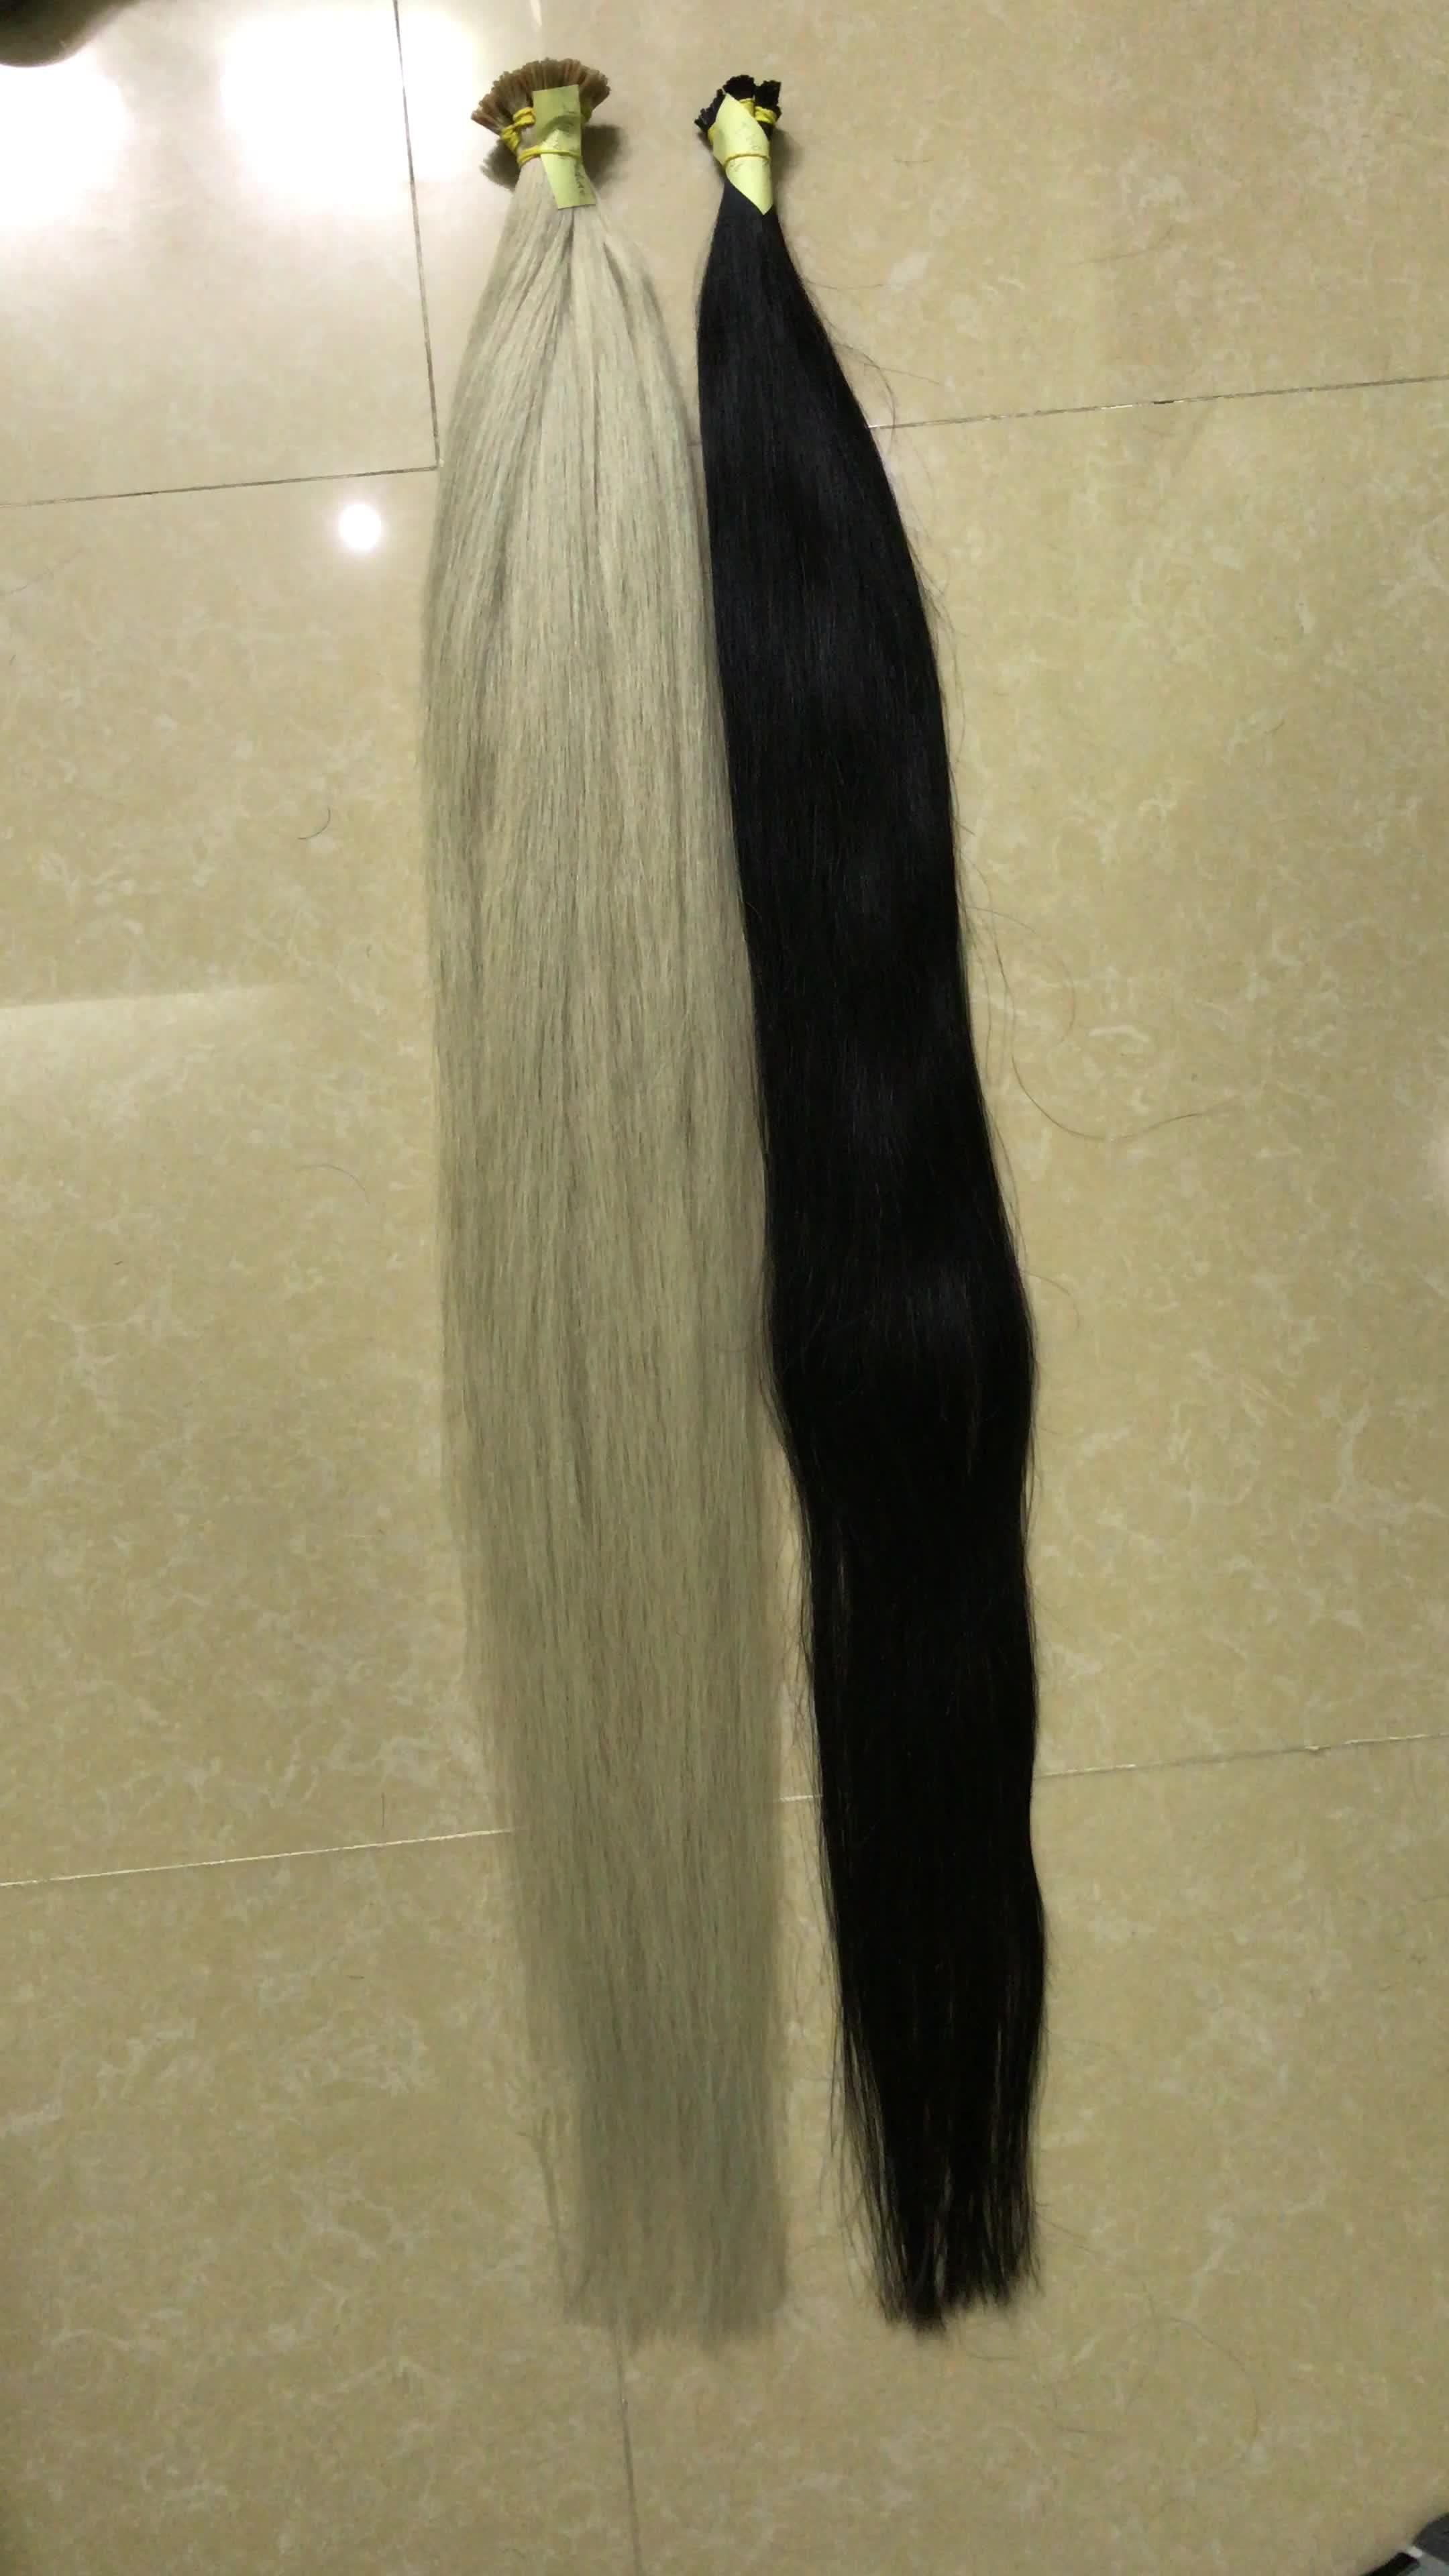 Koop Virgin Braziliaanse Haar zachte Diepe Krul Wave haarverlenging 100% Onbewerkte natuurlijke kleur Menselijk Haar